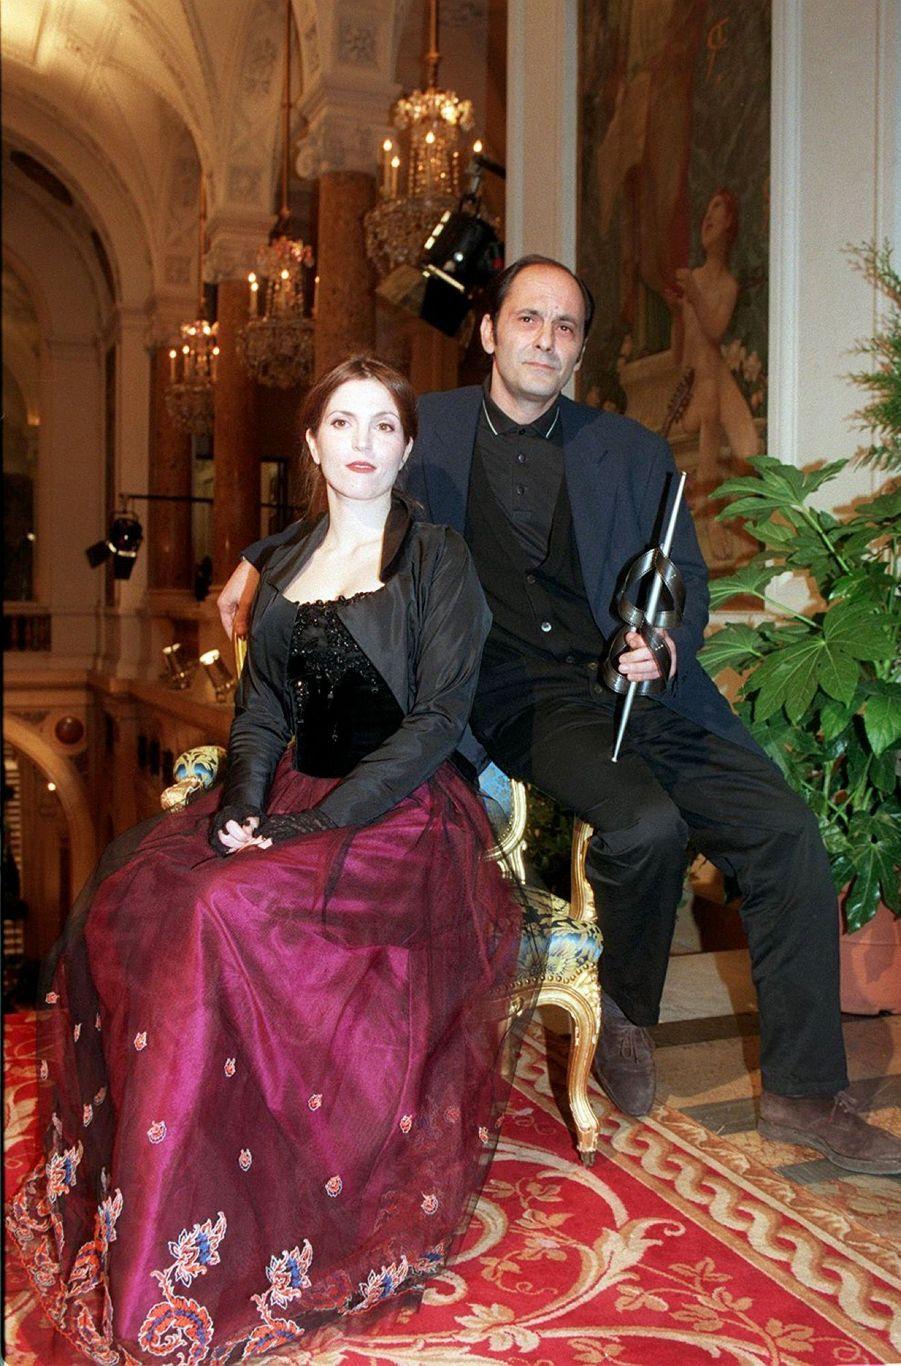 Jean-Pierre Bacri et Agnès Jaoui, Prix Lumière du meilleur scénario pour « Un air de famille », en 1997.